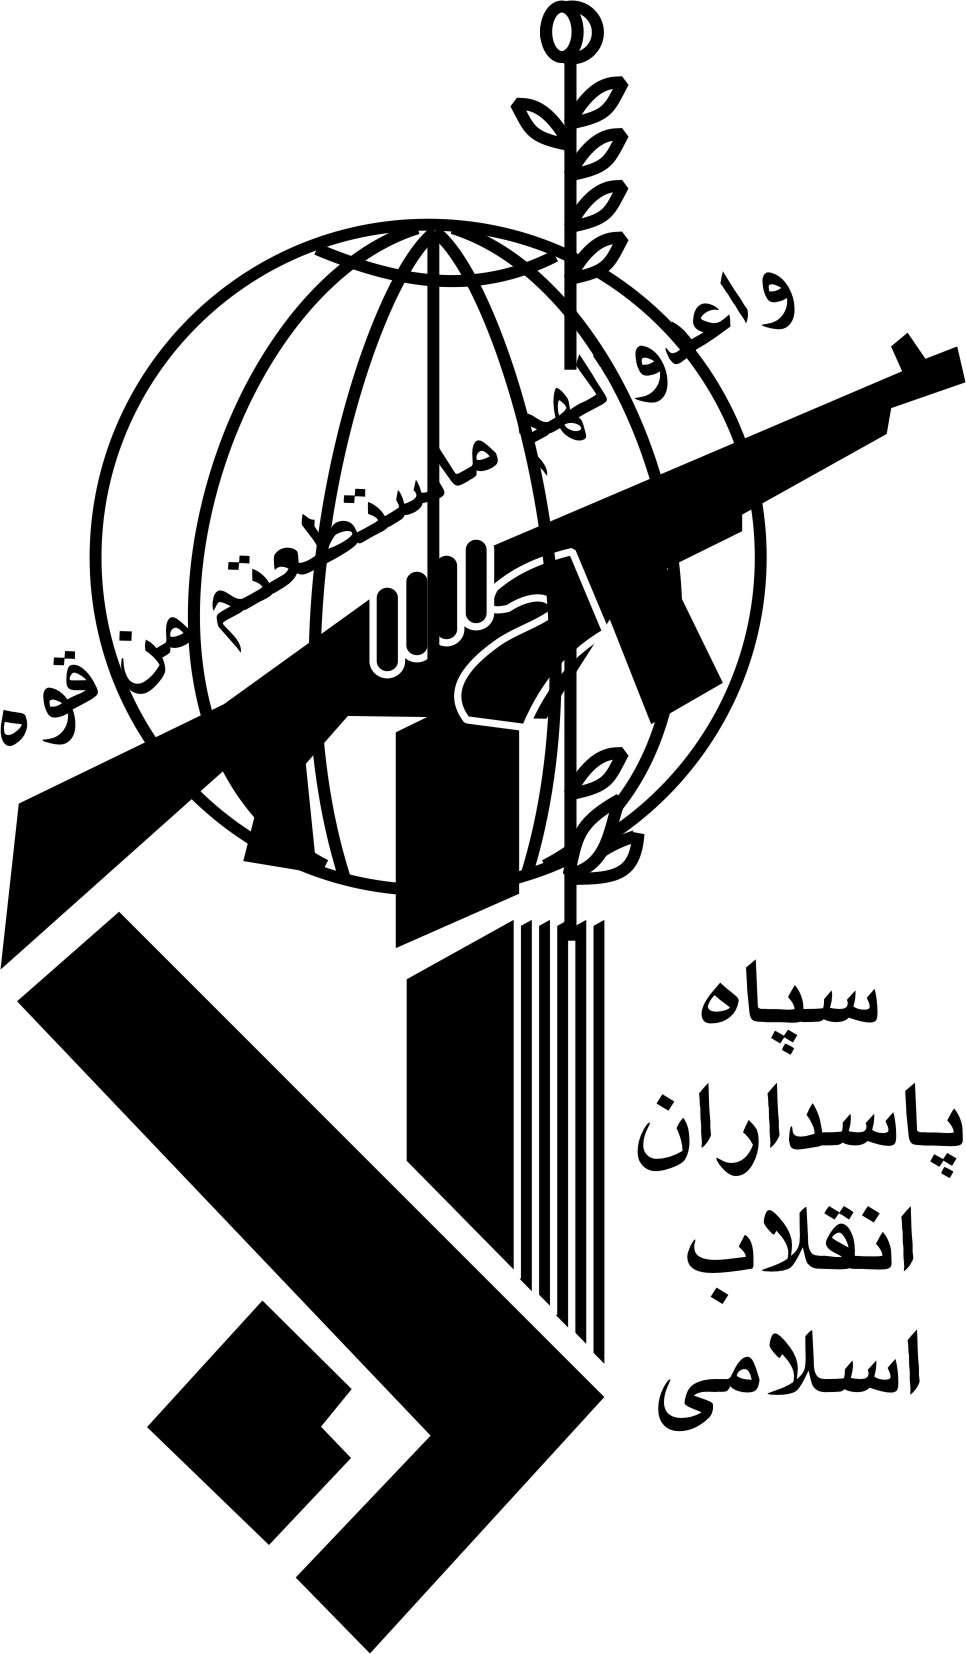 نتیجه تصویری برای ارم  بسیج  سپاه ارتش نیروی هوایی مجلس زندان